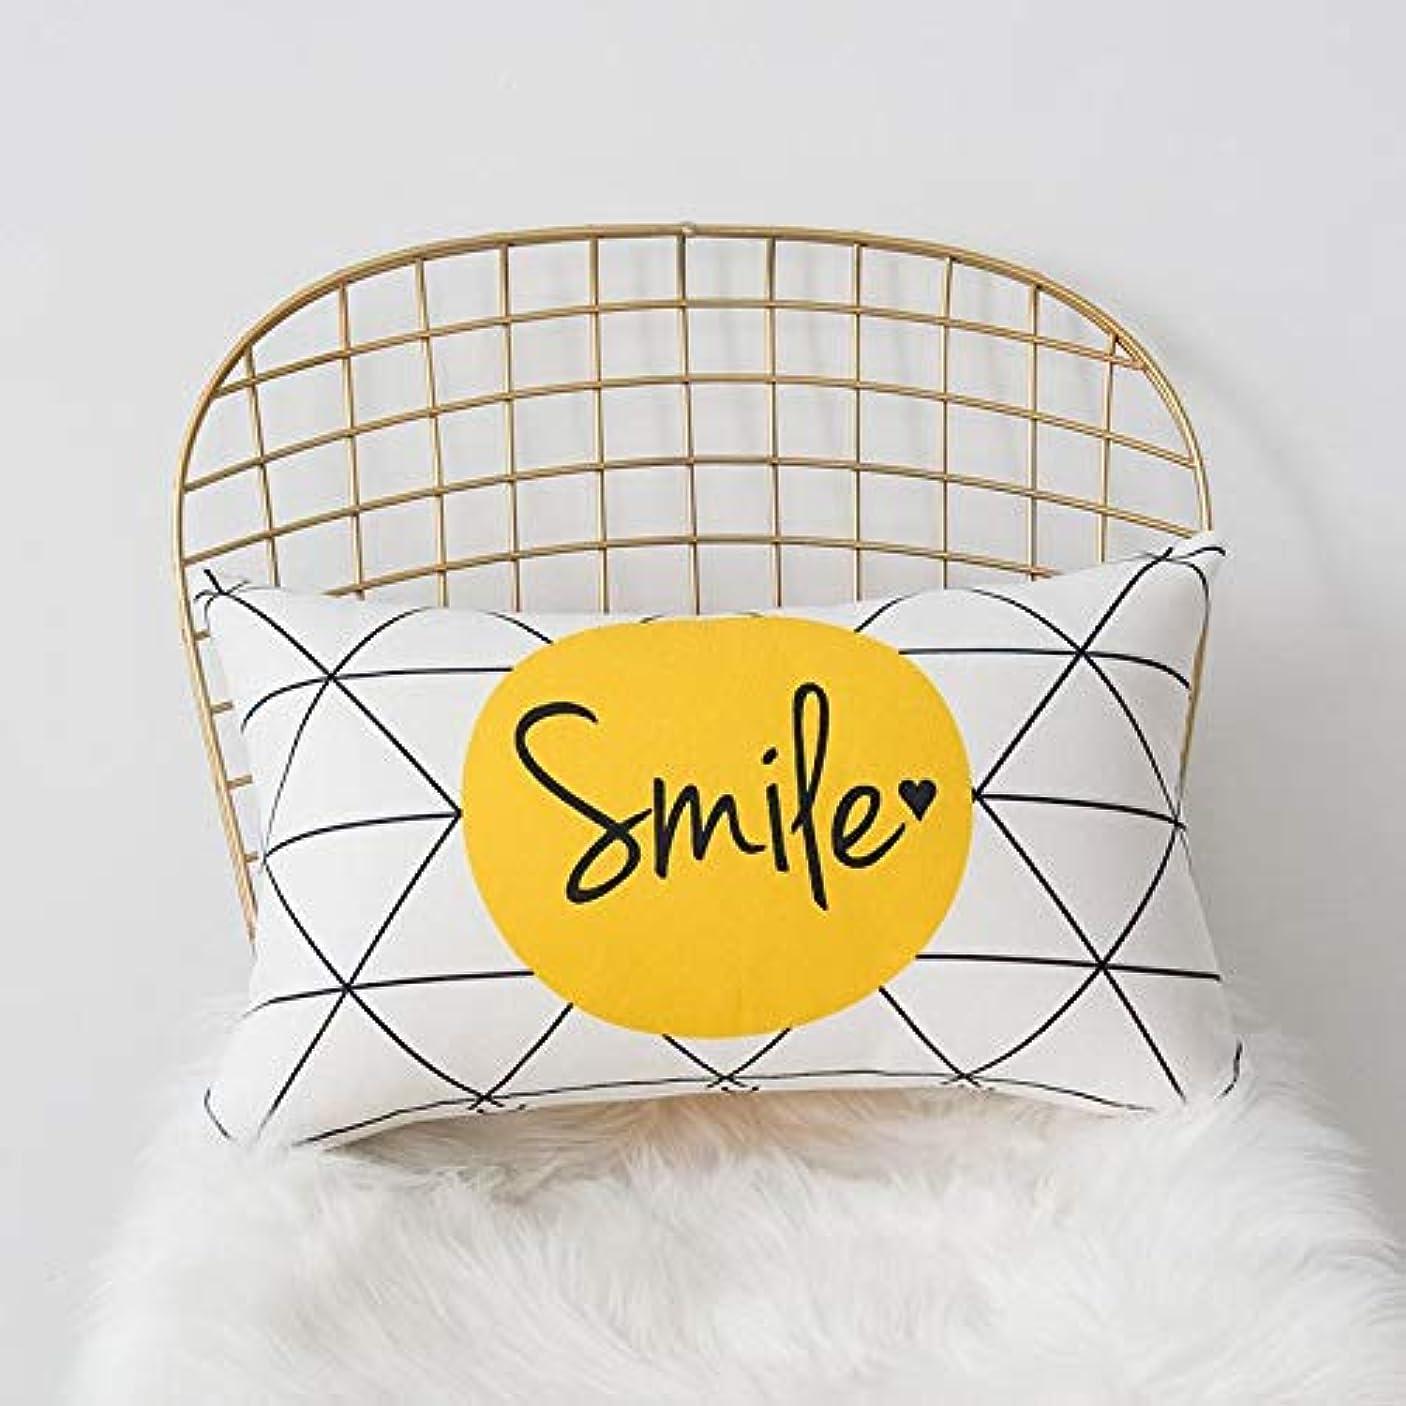 社会学サービス圧倒的SMART 黄色グレー枕北欧スタイル黄色ヘラジカ幾何枕リビングルームのインテリアソファクッション Cojines 装飾良質 クッション 椅子